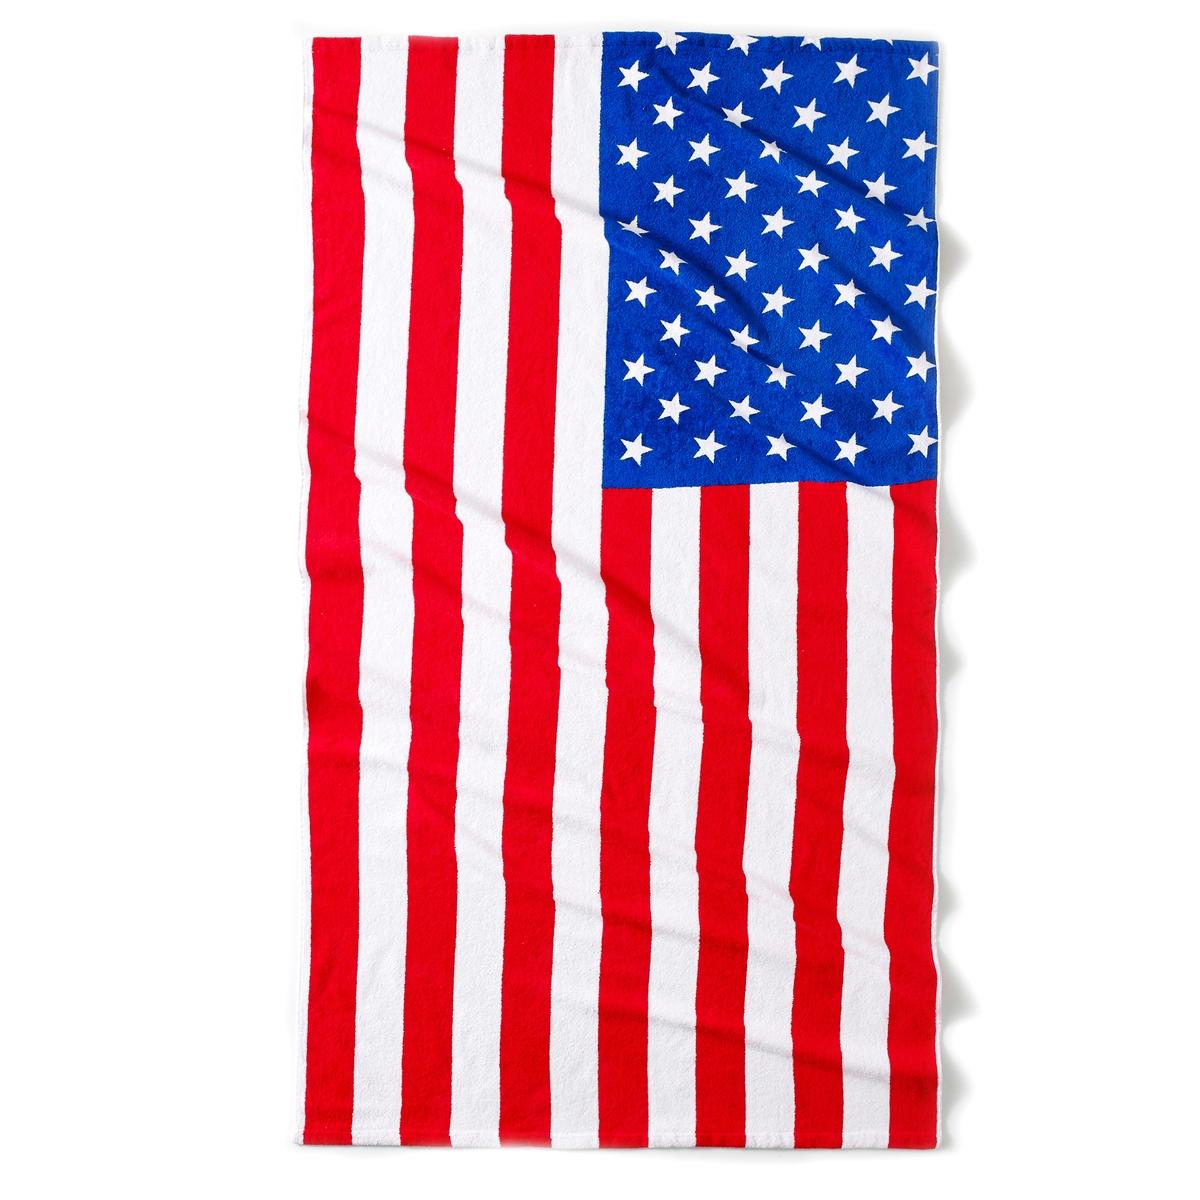 Полотенце пляжное Flag USAПляжное полотенце с цветами флага USA для лета яркого на краски ! Описание пляжного полотенца USA :Принт флага US Характеристики пляжного полотенца USA :Махровая ткань 100% хлопка .400 г/м? . Стирка при 40°.Найдите всю коллекцию махровых изделий на сайте laredoute.ru.Размер пляжного полотенца USA :90 x 170 см<br><br>Цвет: синий/ белый/ красный<br>Размер: единый размер